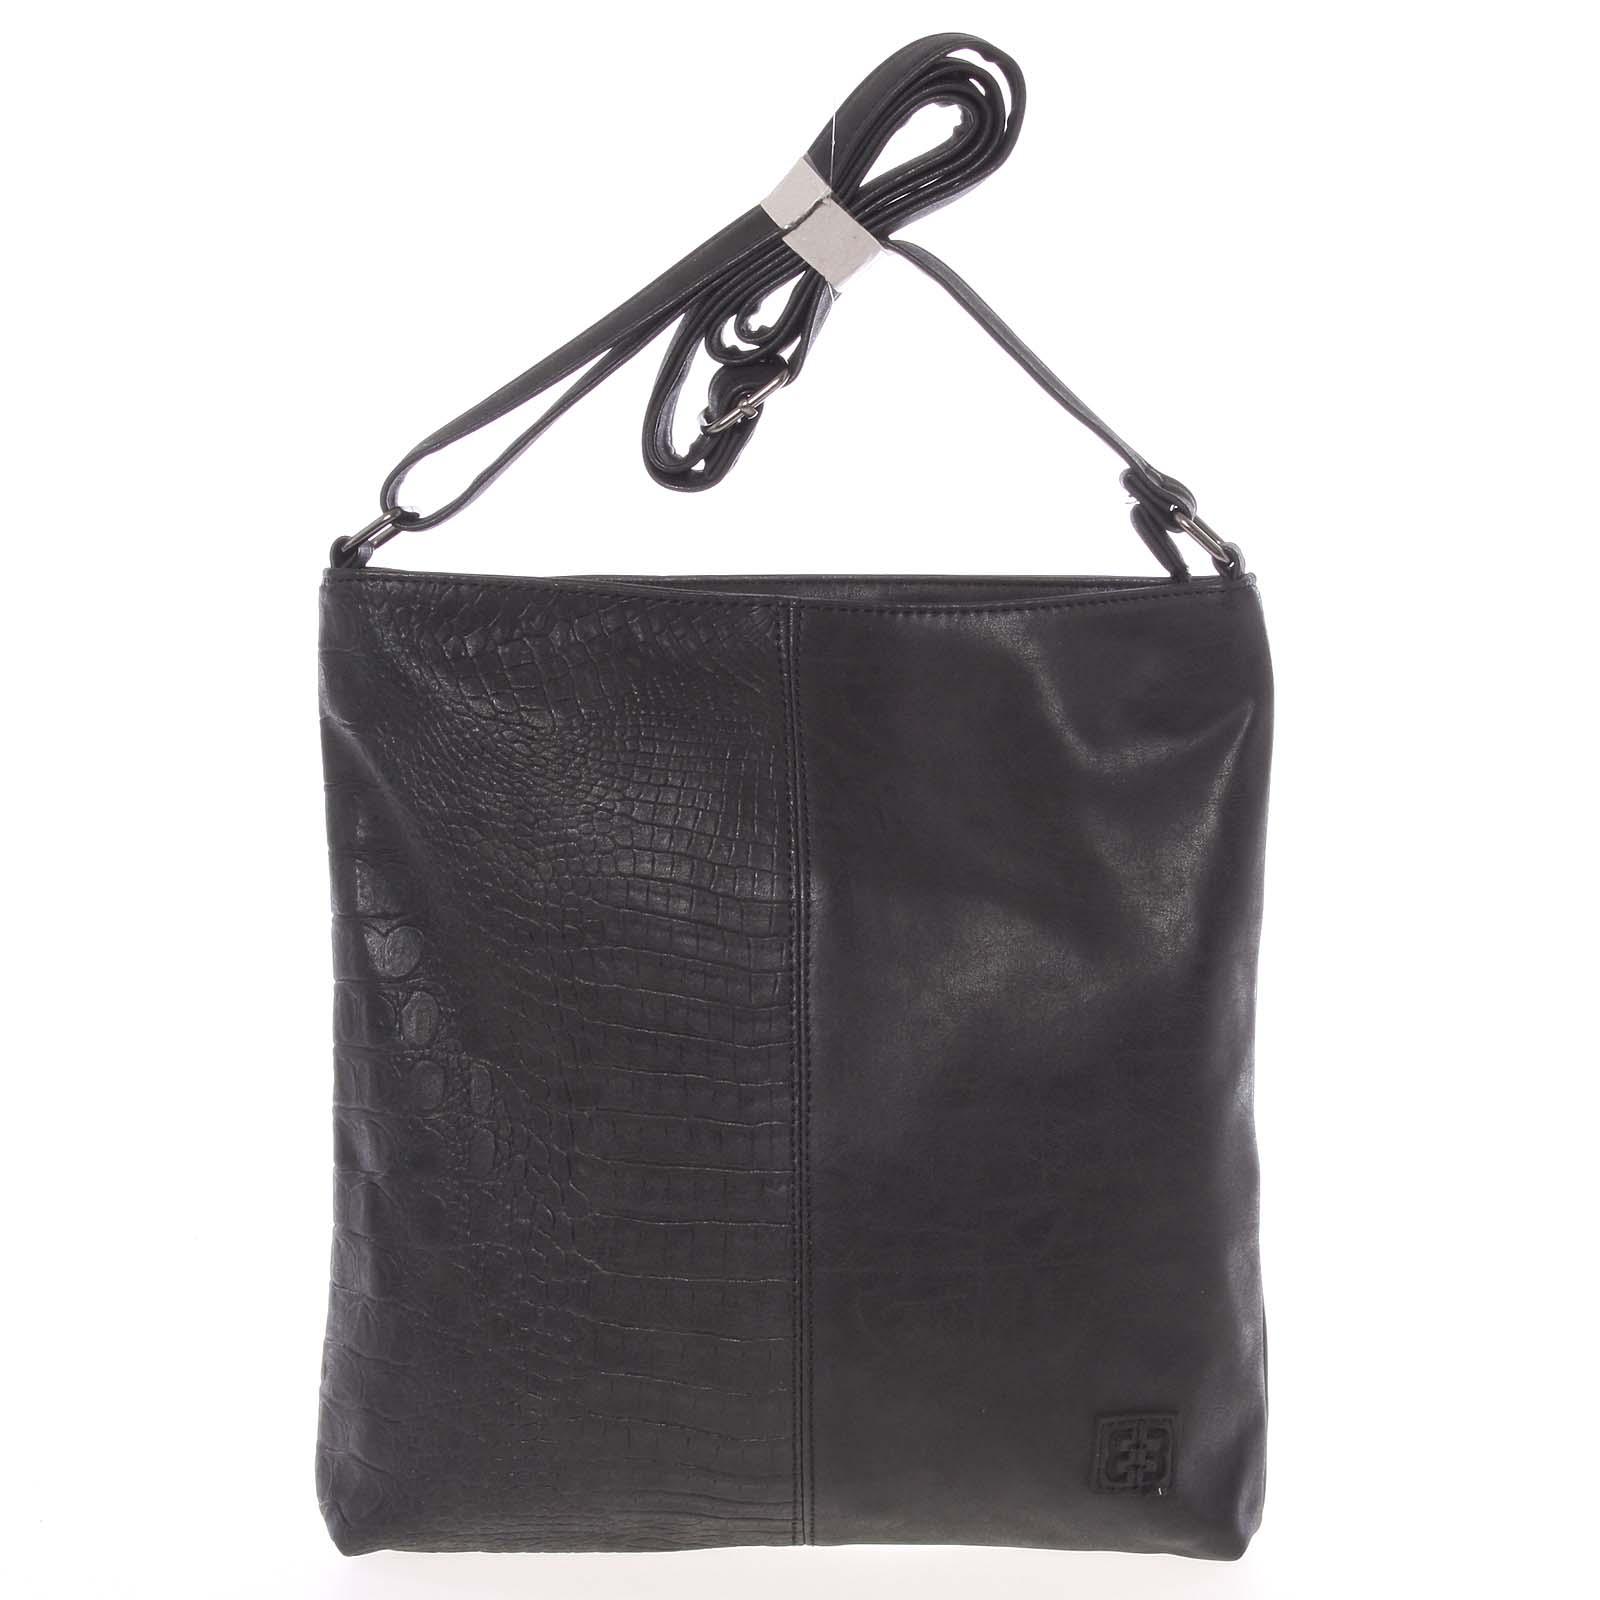 Lehká střední dámská crossbody kabelka černá - Enrico Benetti Aria